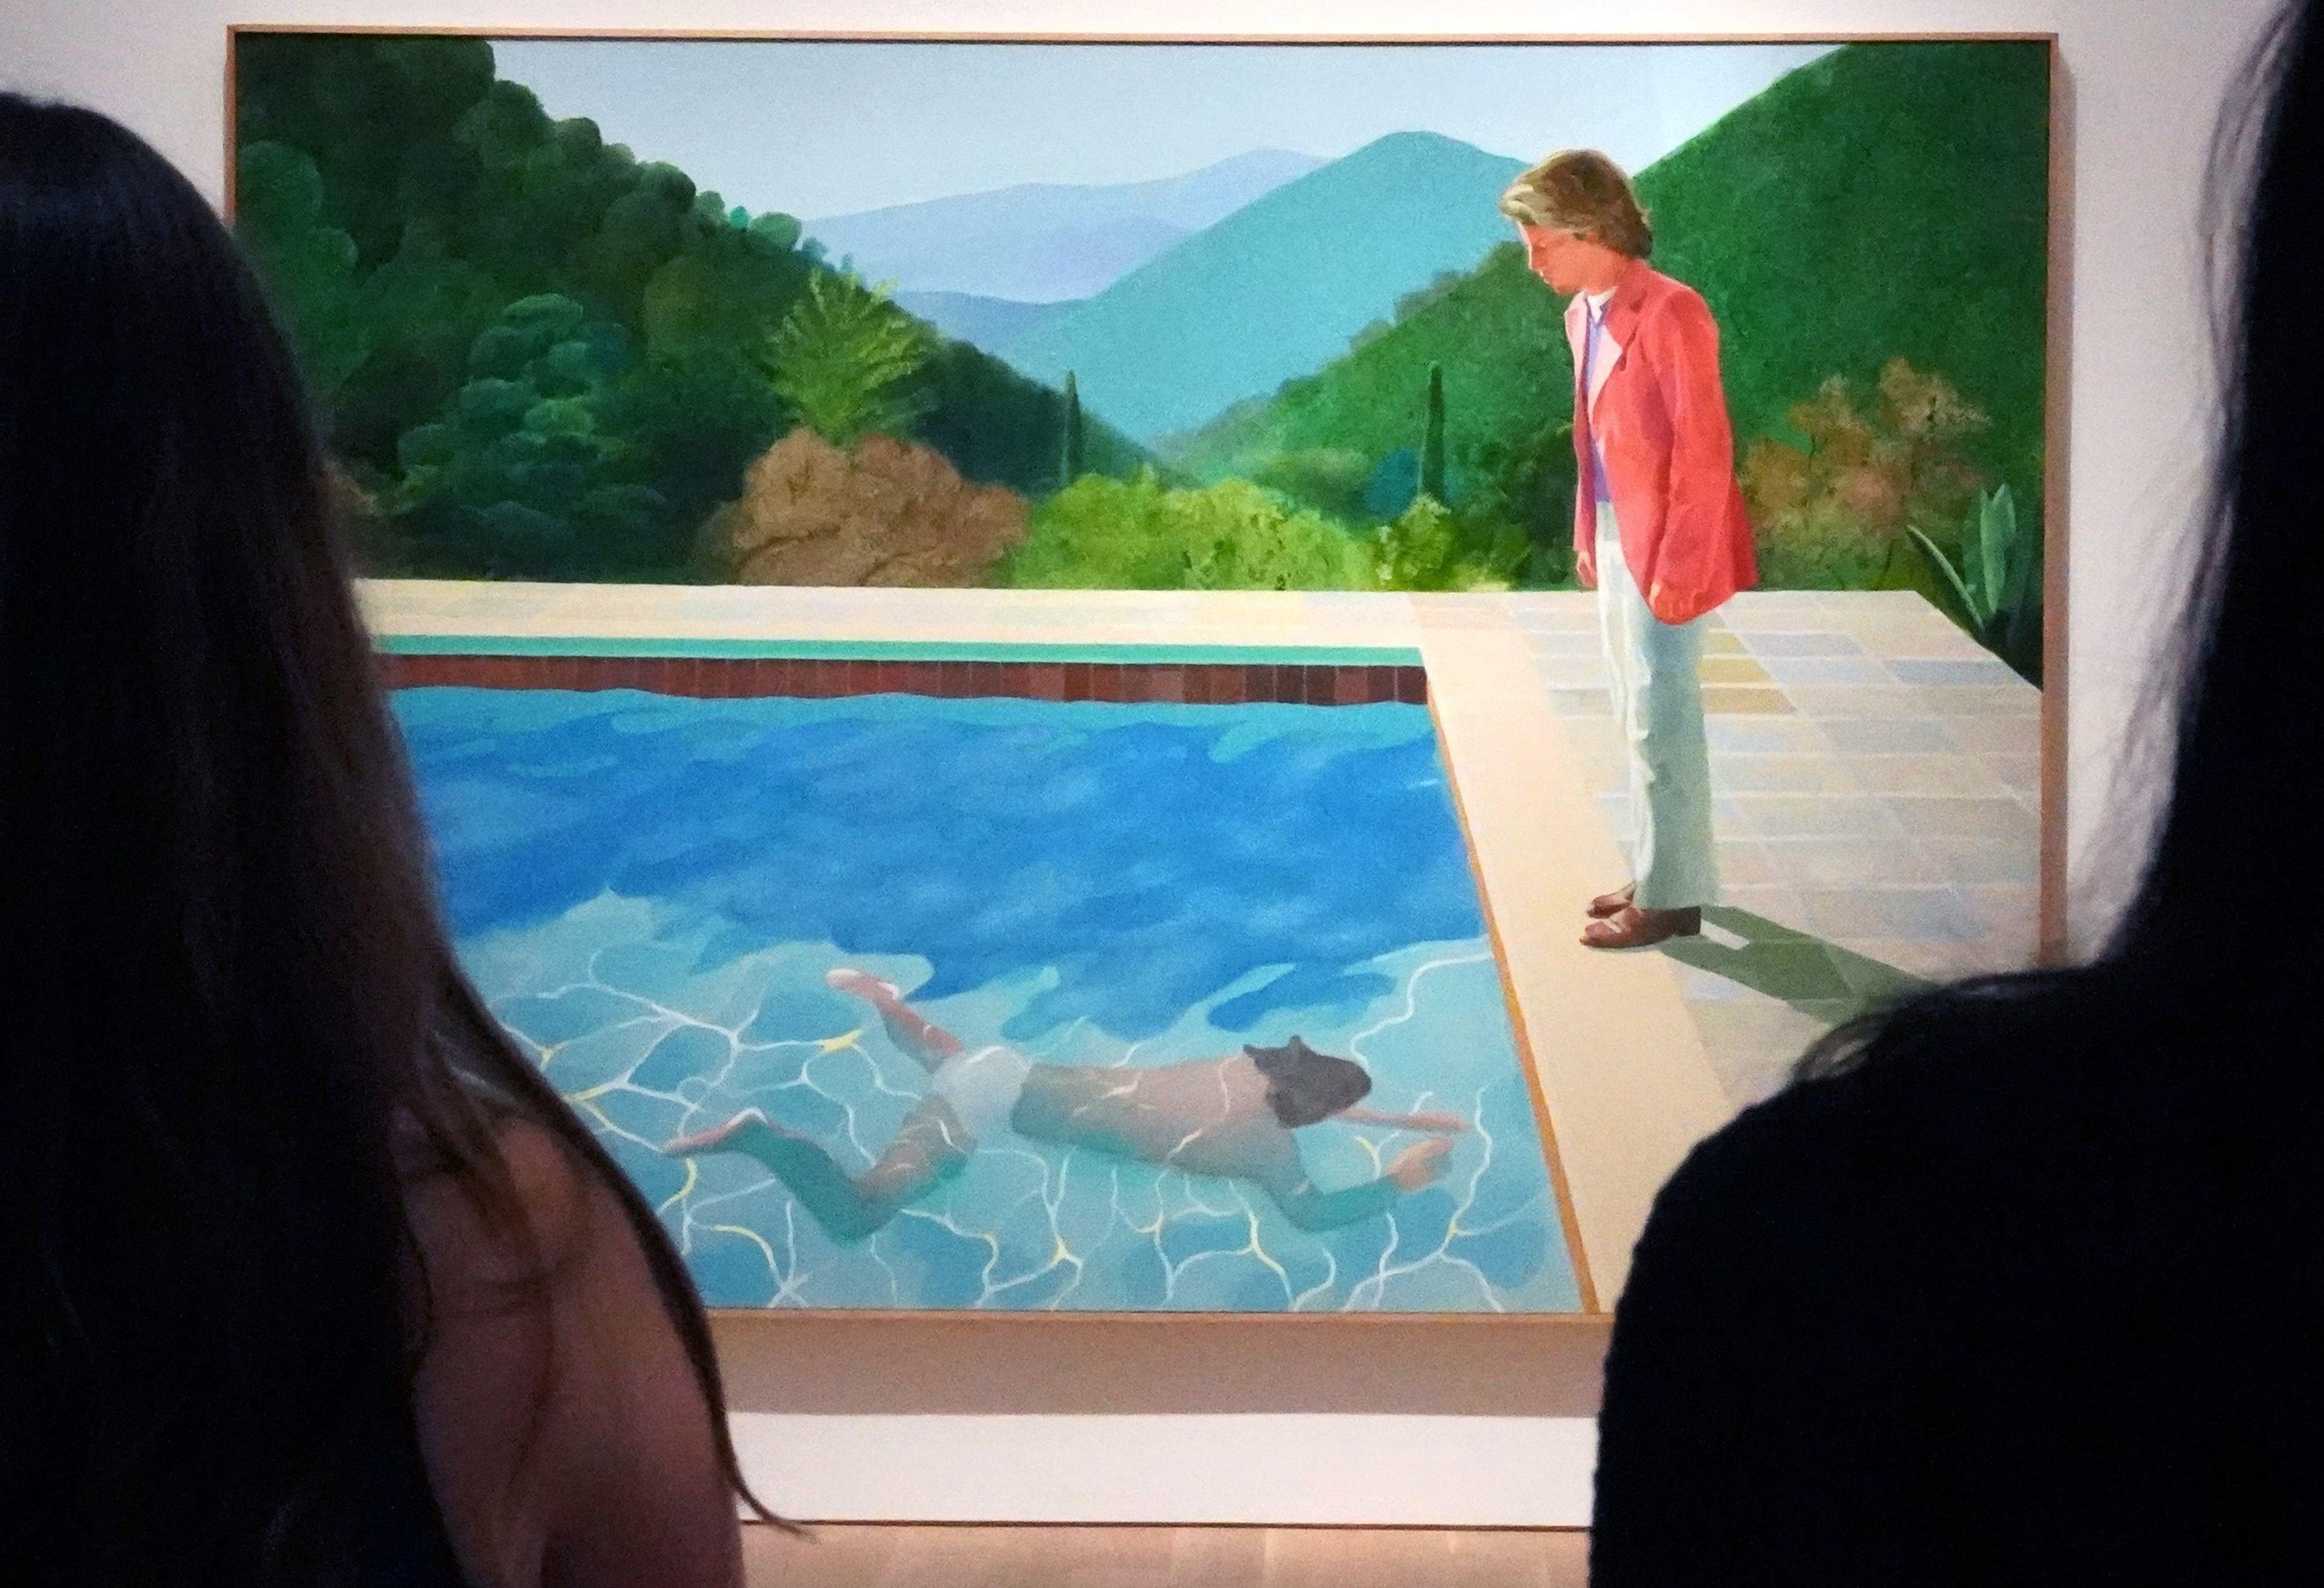 Με αυτό το έργο τέχνης ο Ντέιβιντ Χόκνεϊ θα σπάσει το ρεκόρ του πιο ακριβού καλλιτέχνη εν